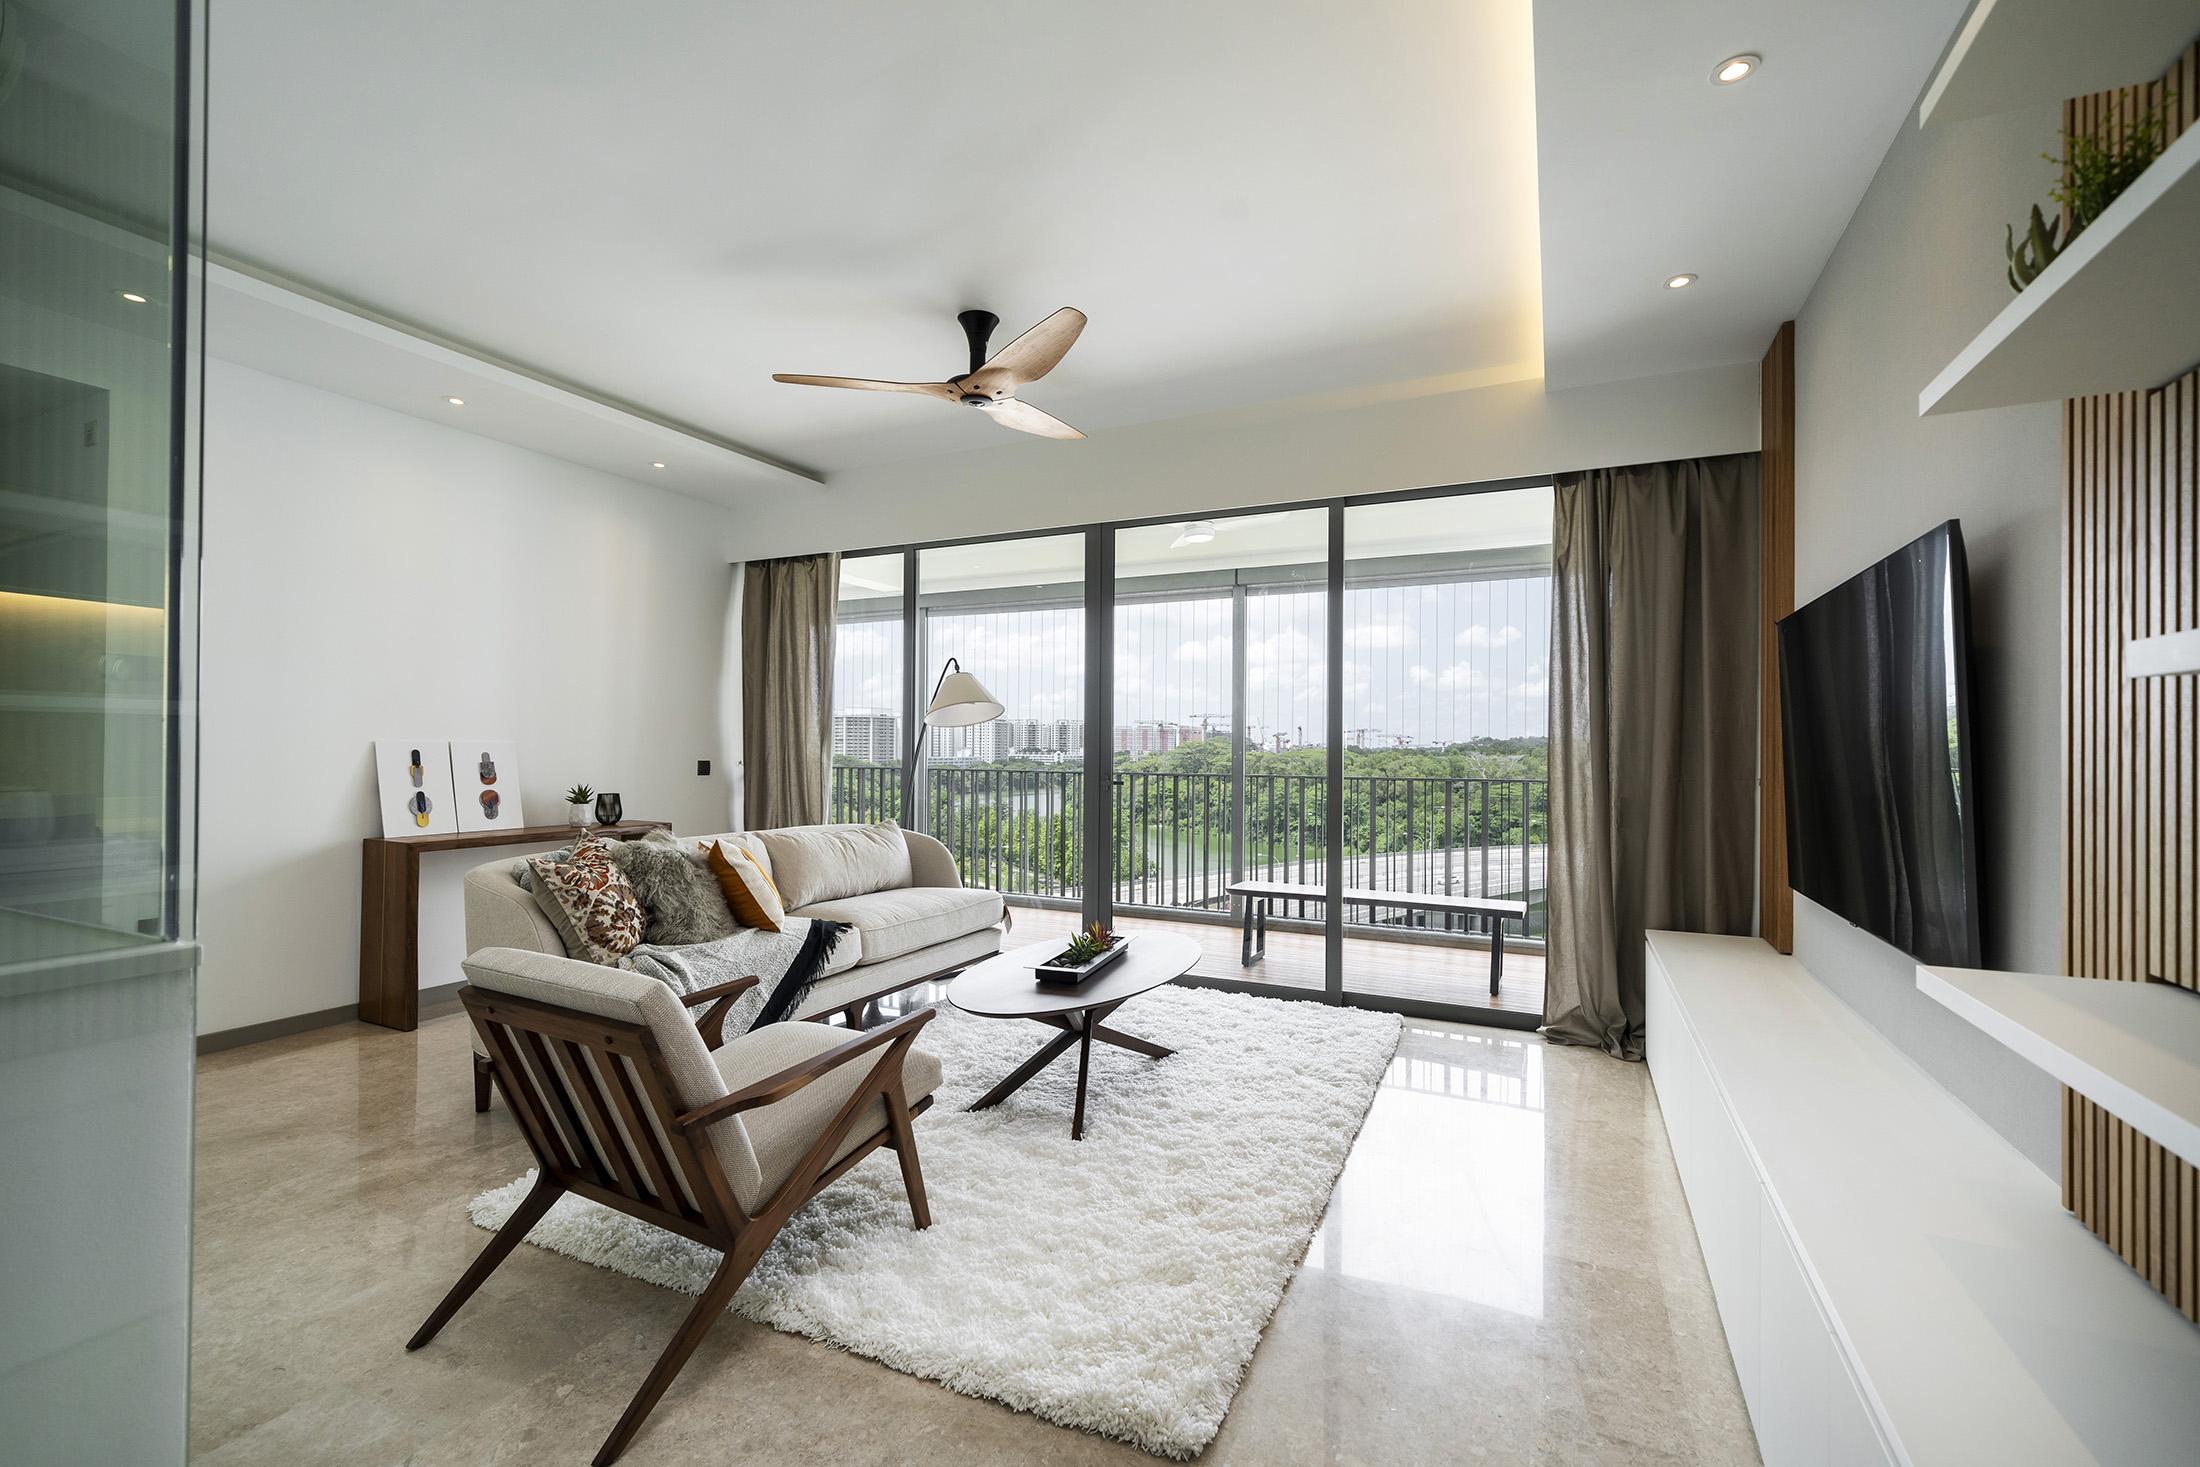 Living room of a renovated condominium in Singapore.